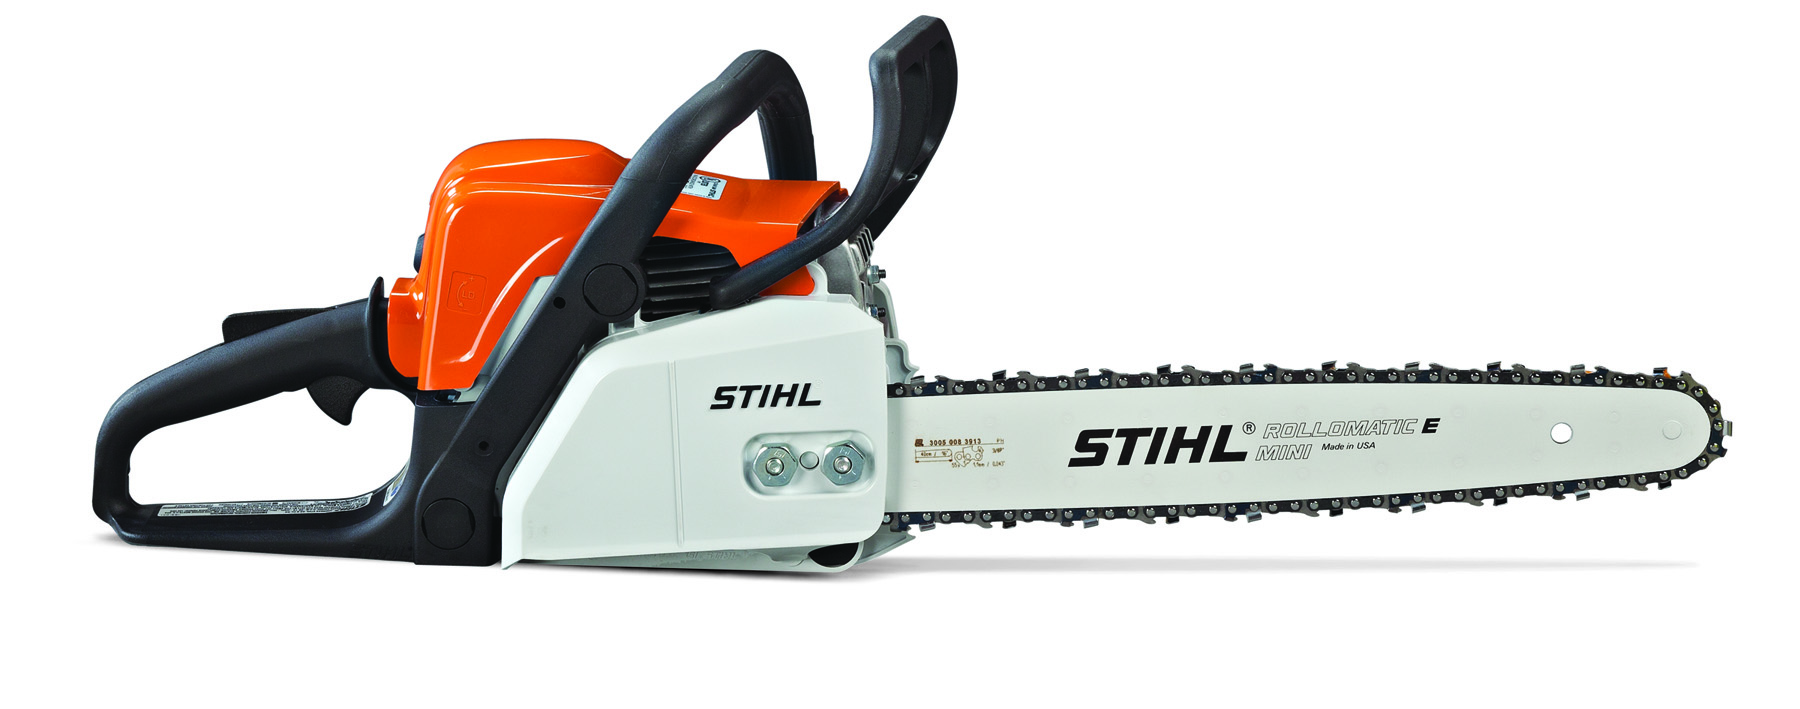 STIHL MS 251 Wood Boss Chainsaw